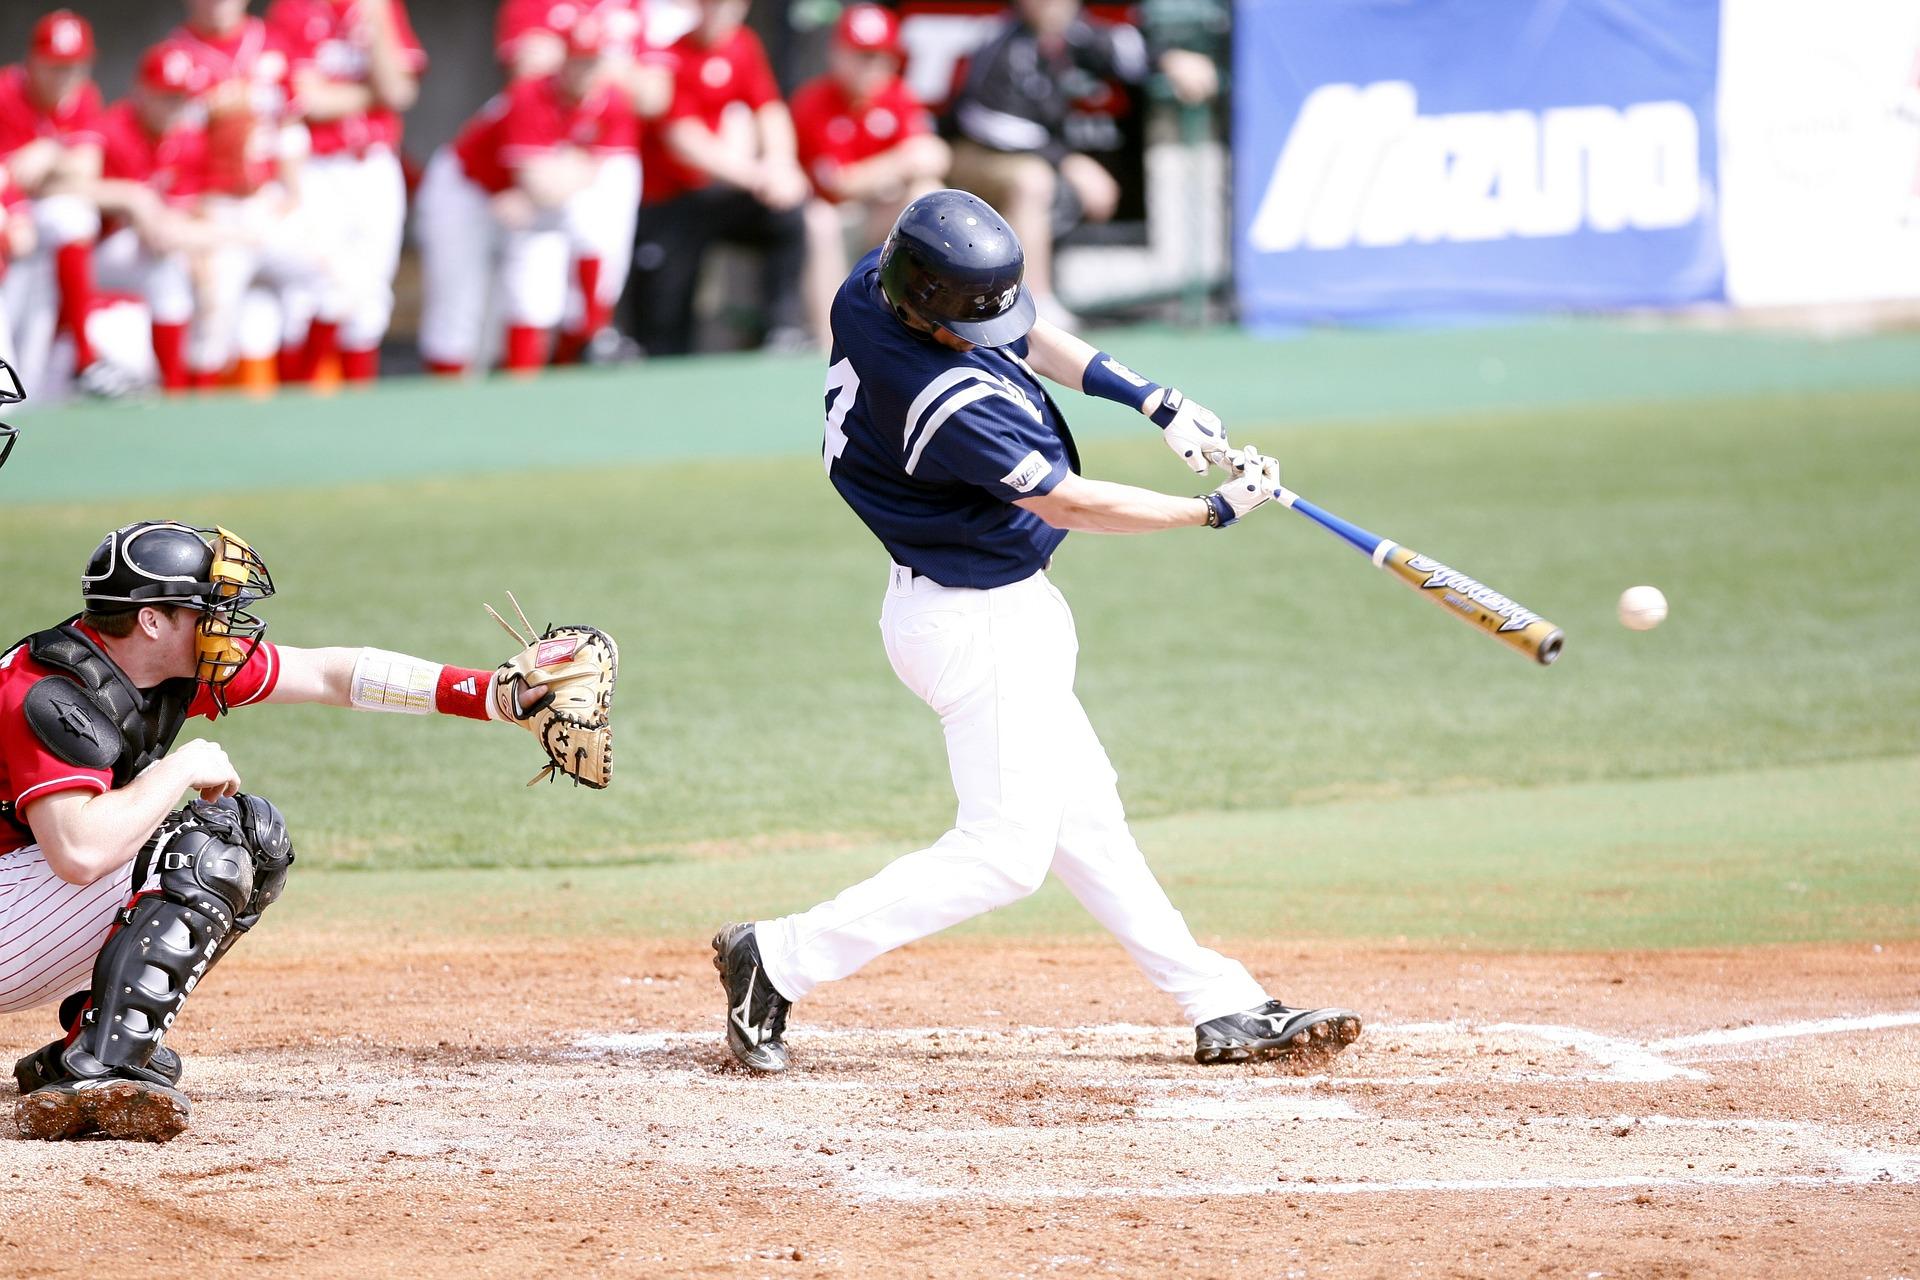 A csavart labda a baseball-ban